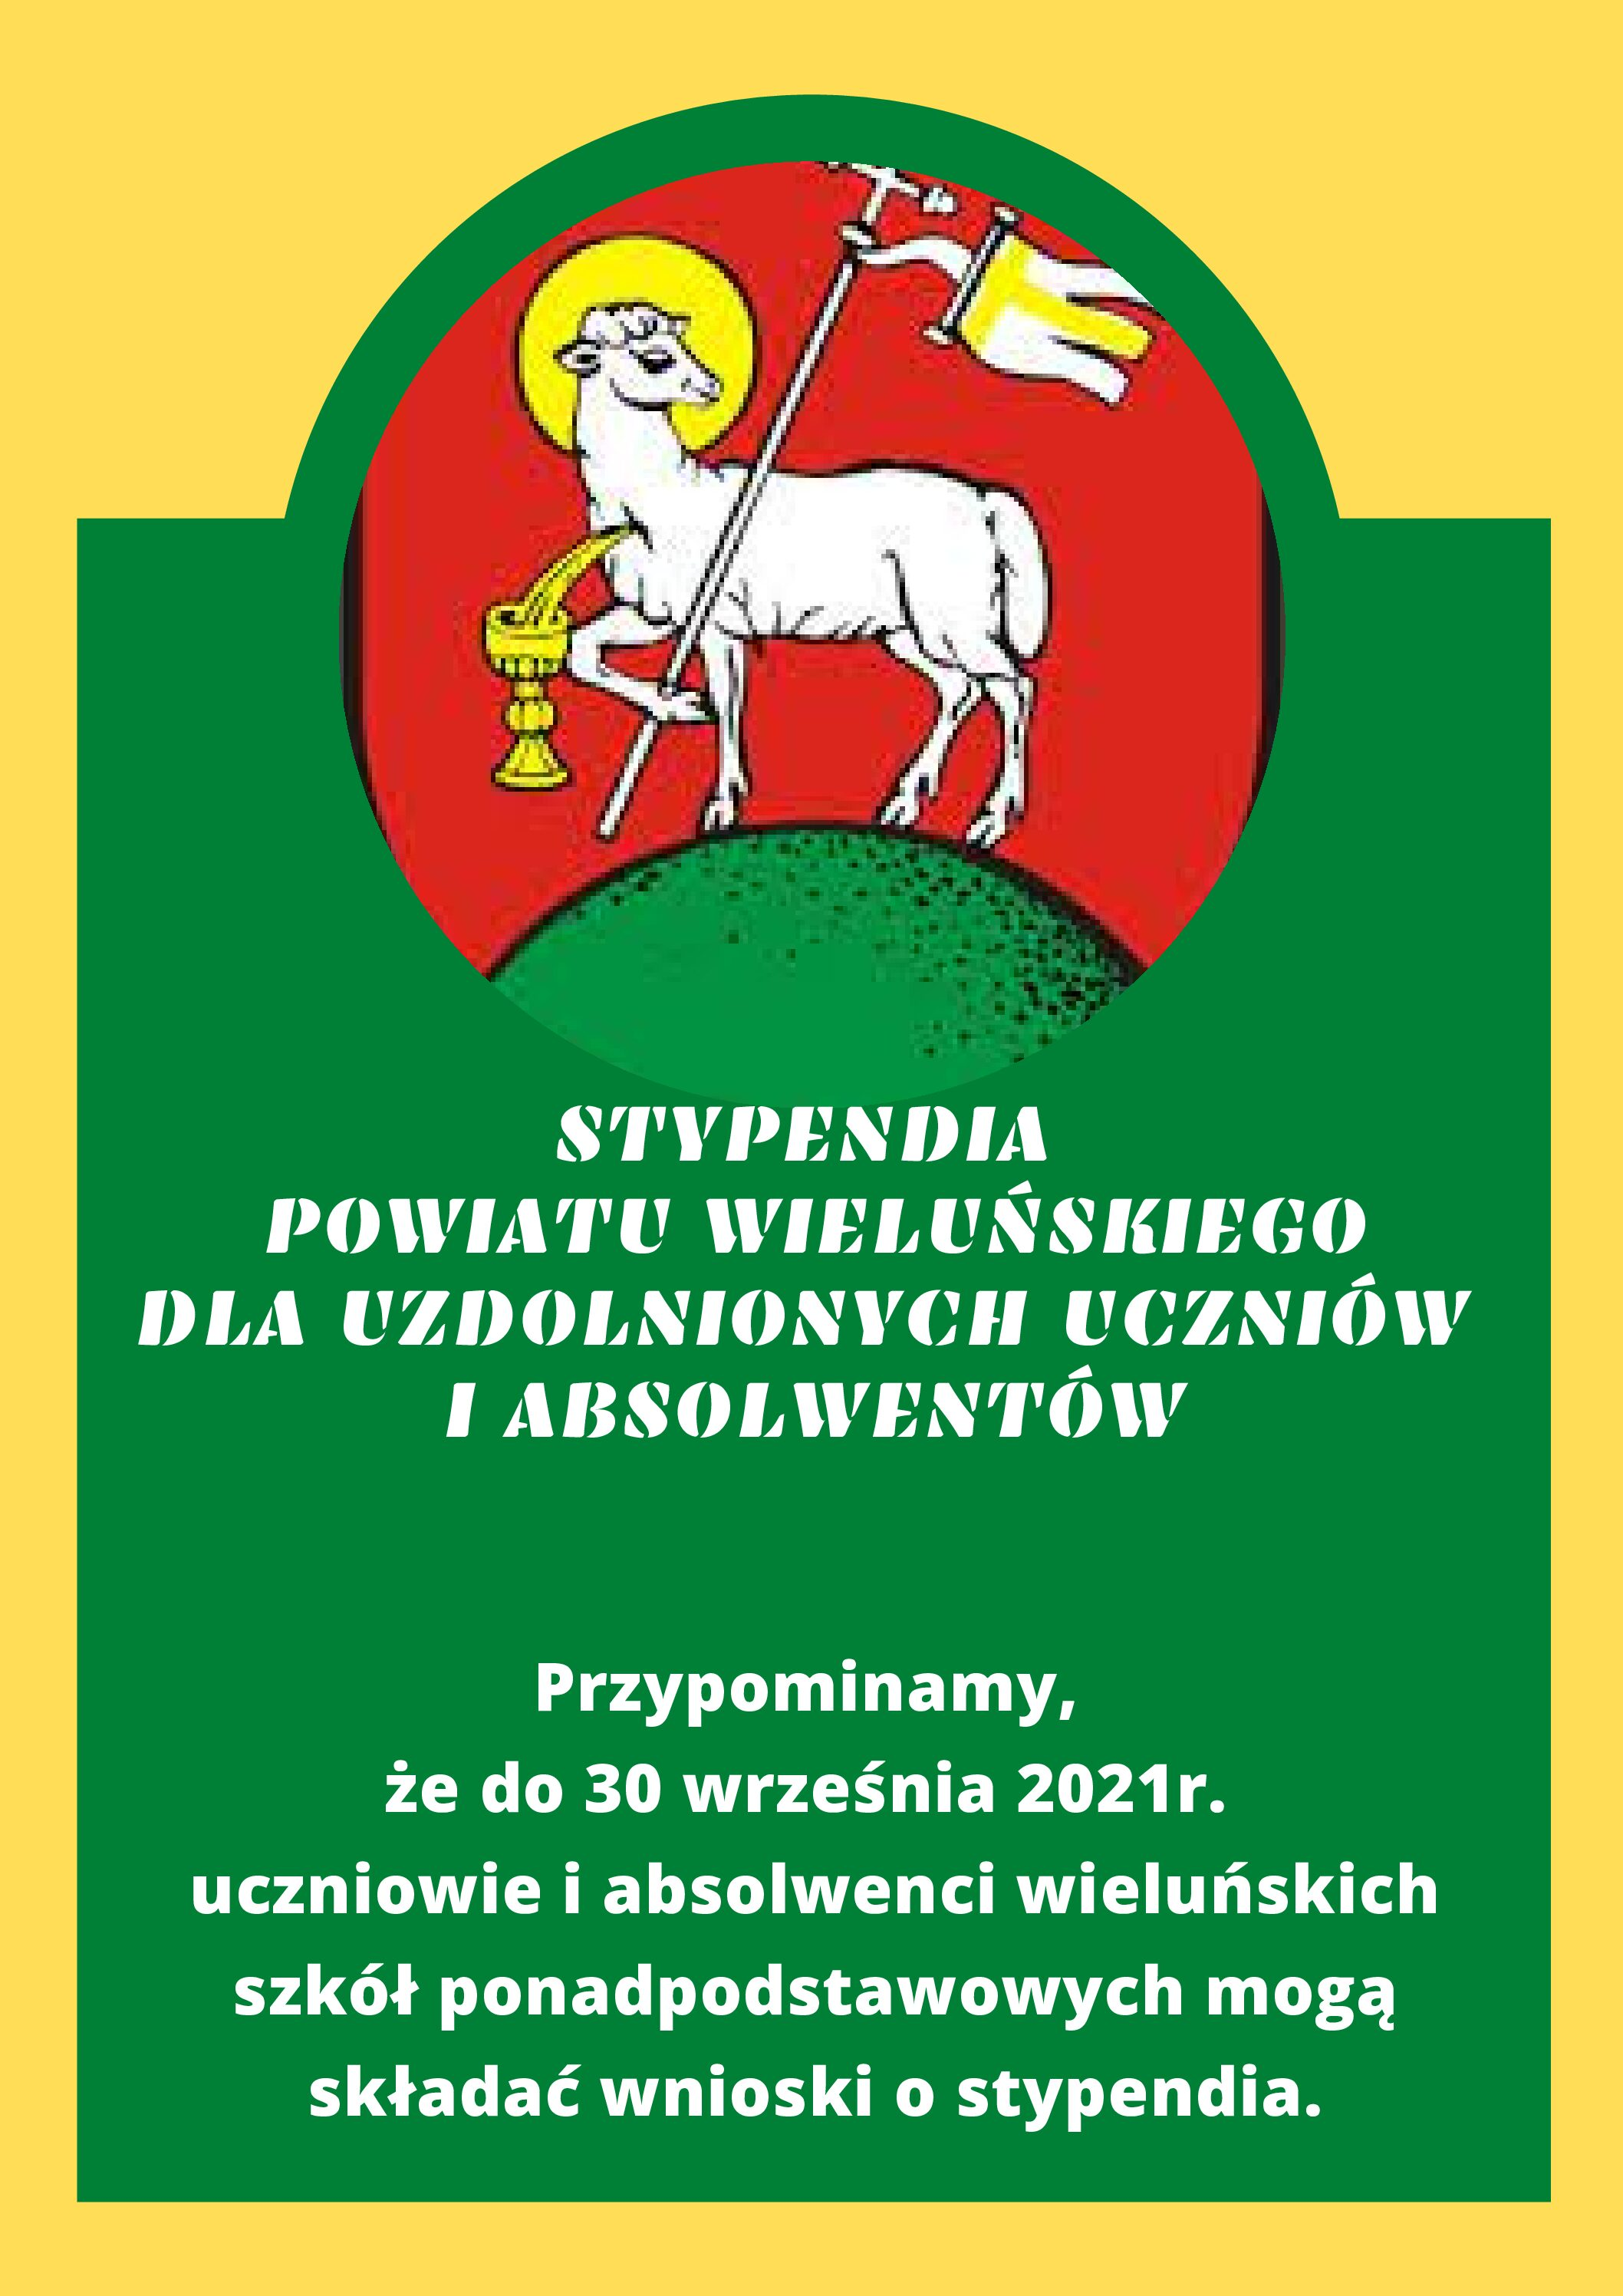 Stypendia Powiatu Wieluńskiego